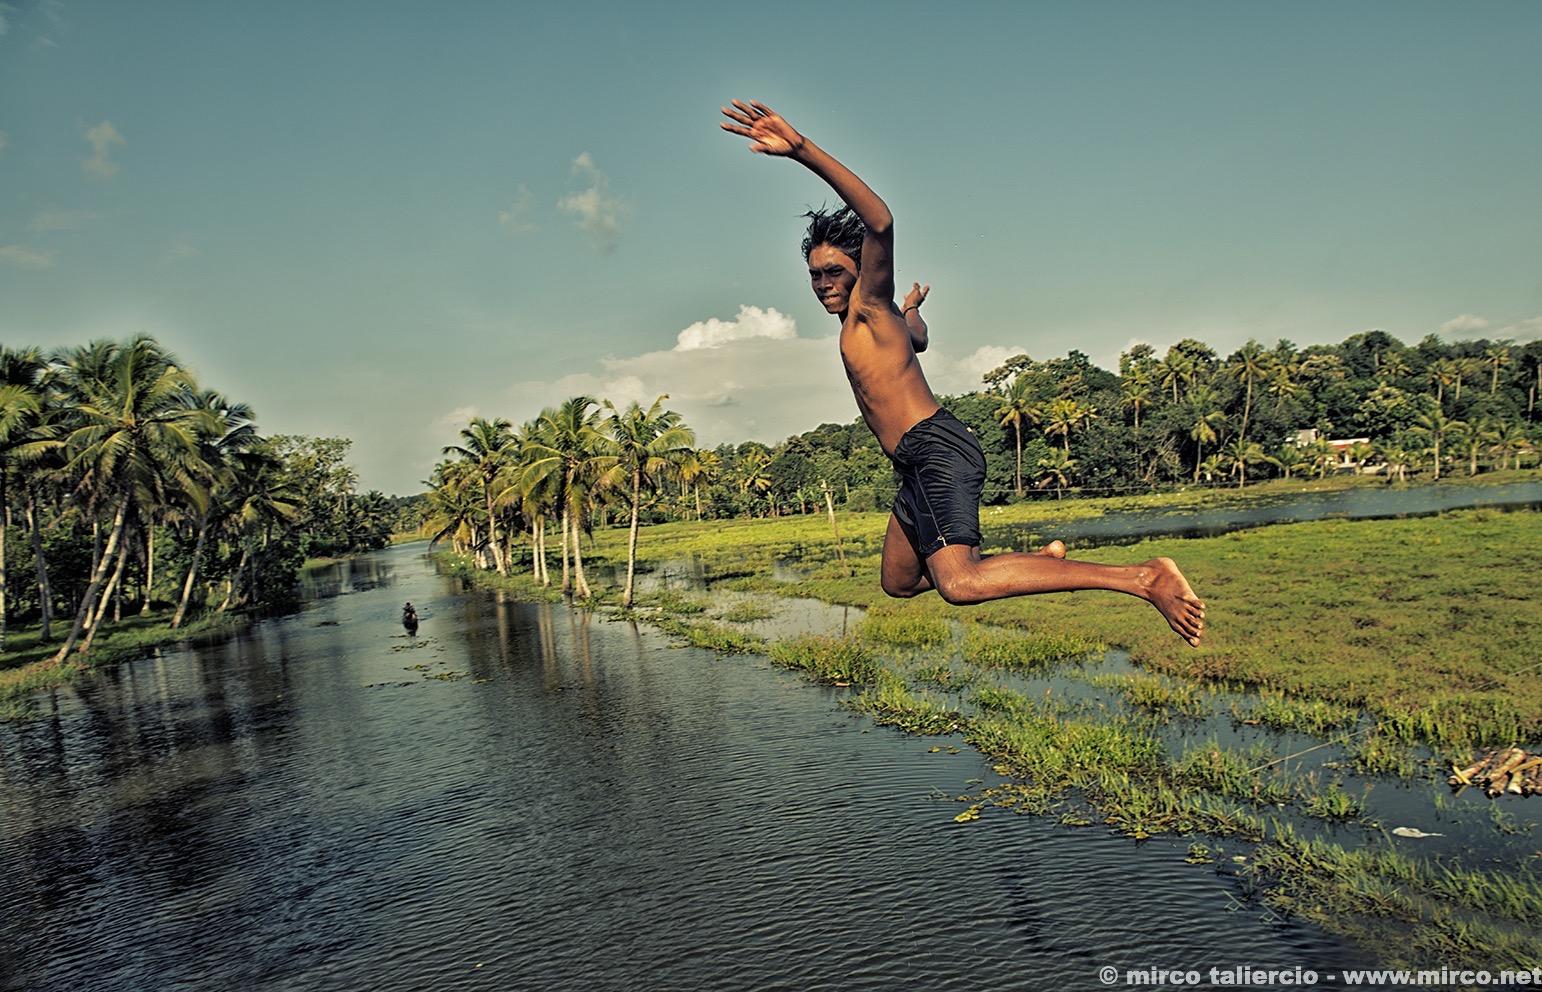 062_mirco_taliercio__Kerala_Indien